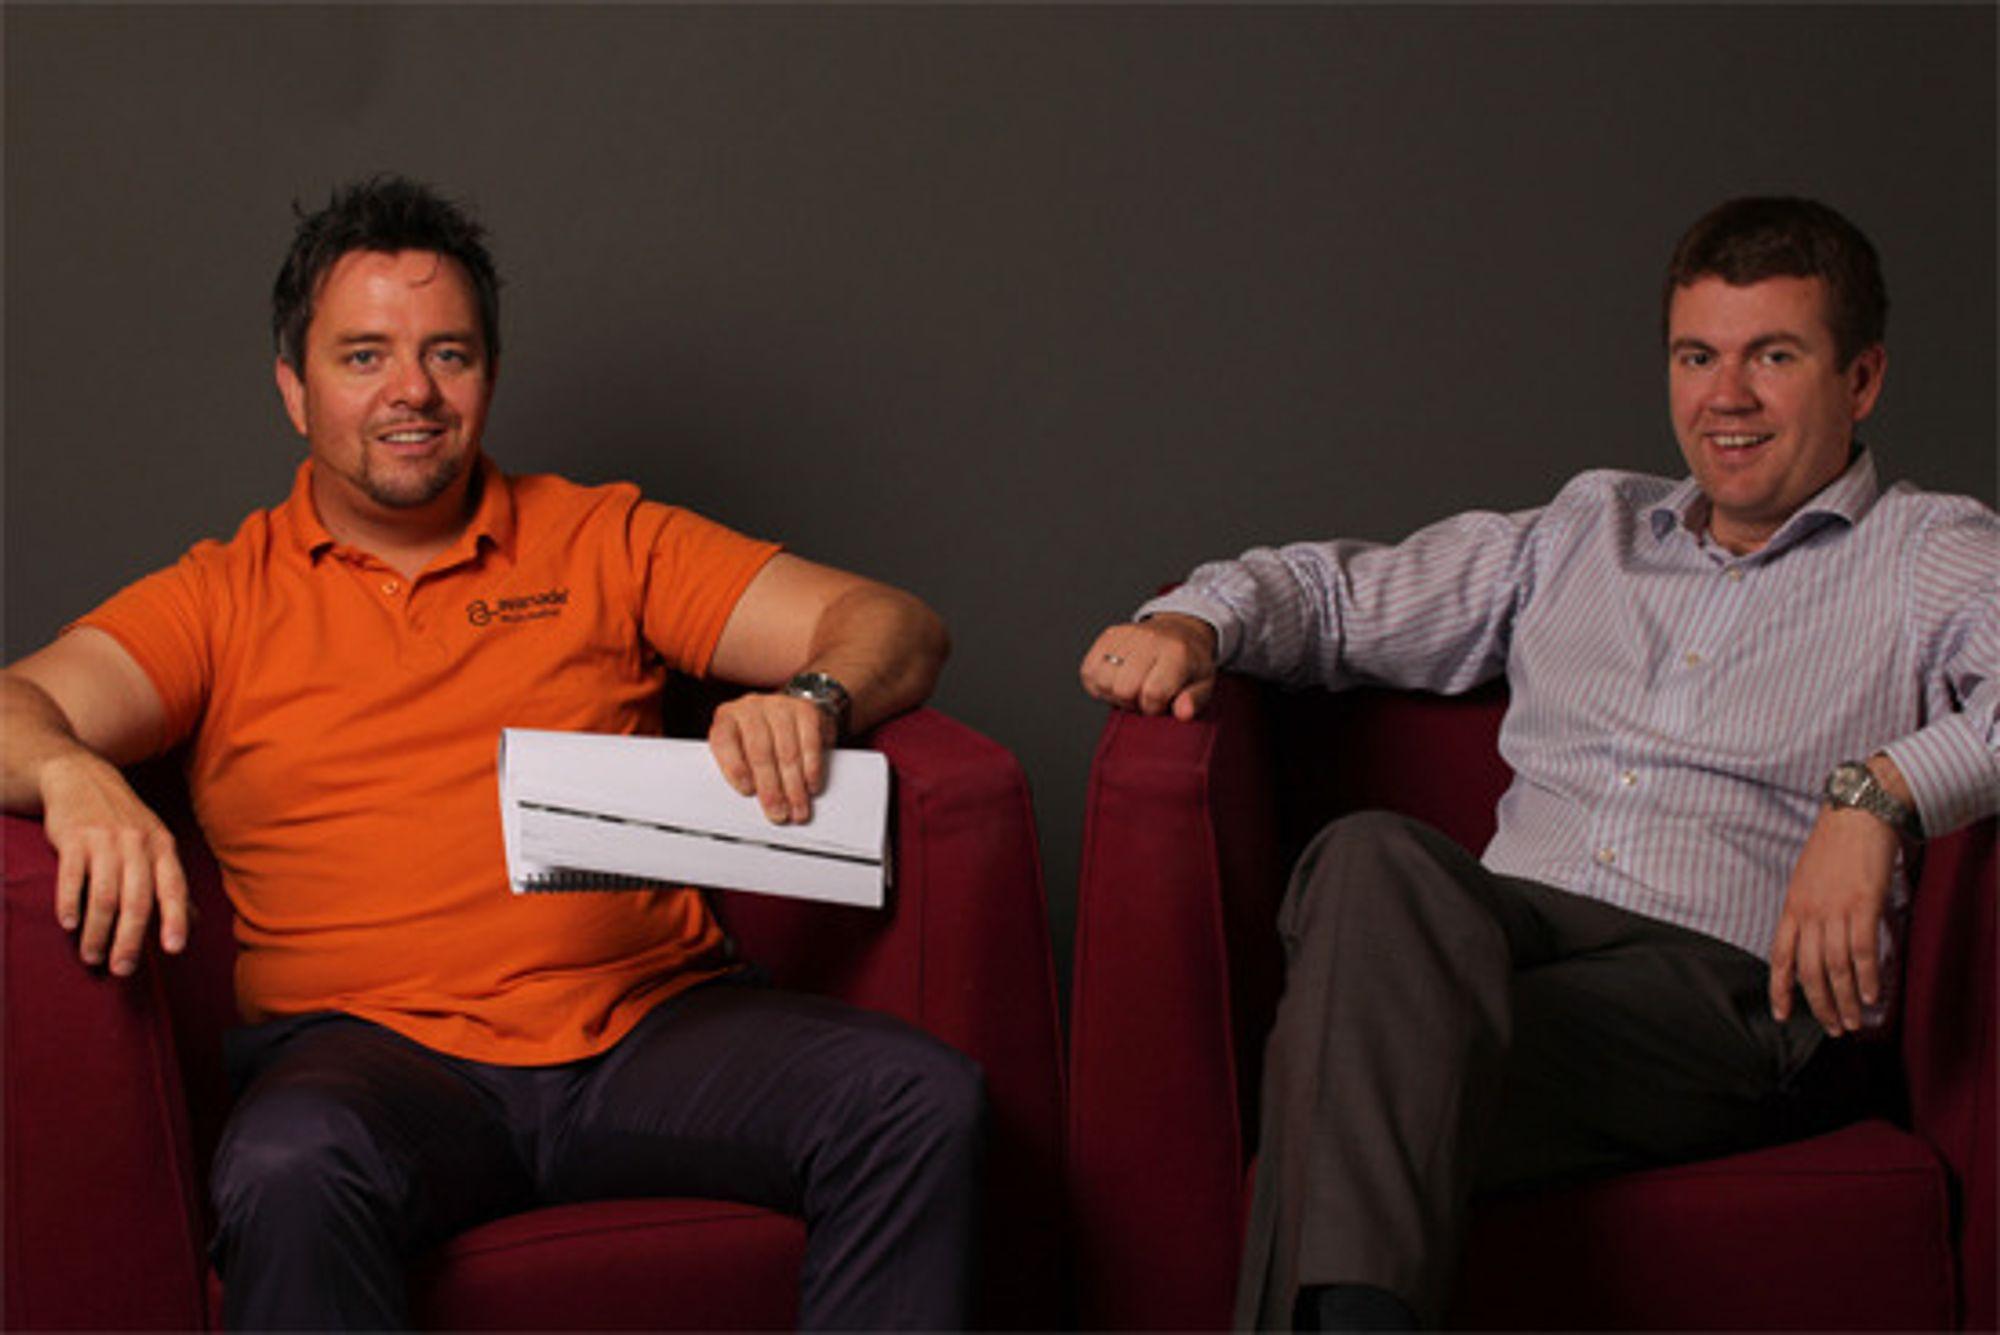 Göran Karlsson (t.v.) og Espen Sletteng-Fagerli, henholdsvis senior direktør forretningsutvikling og direktør & CTO i Avanade Norge, gikk gjennom undersøkelsen med digi.no.